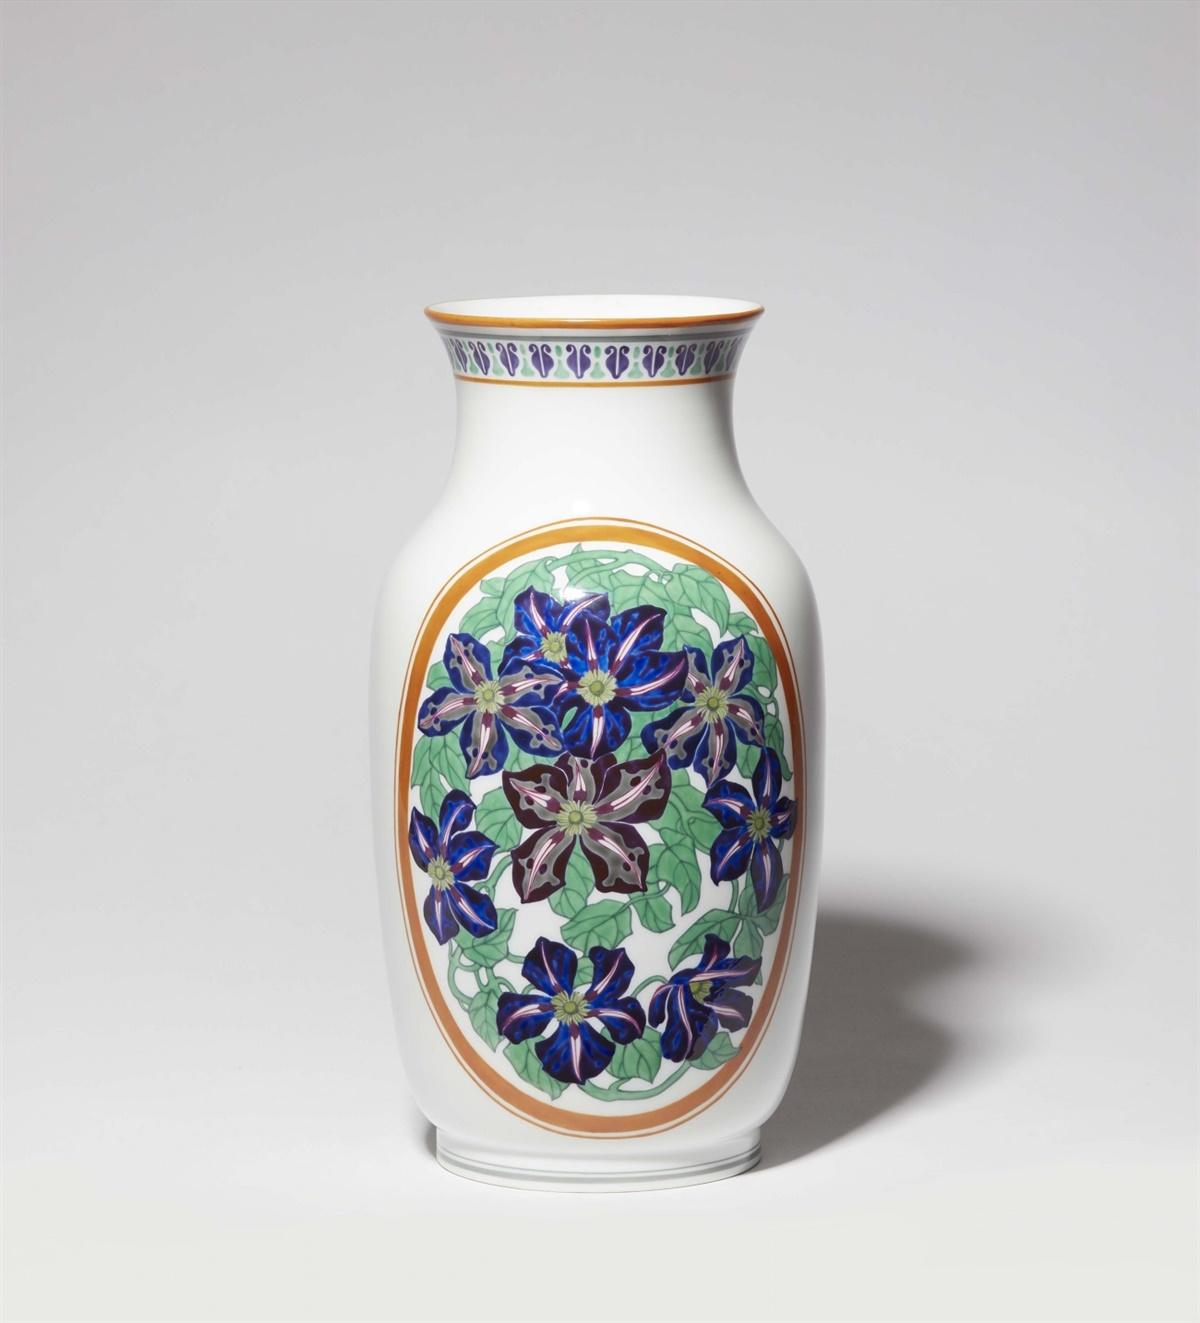 Lot 76 - Vase mit KlematisPorzellan, farbiger Auf- und Unterglasurdekor. Auf der Ansichtsseite blühende